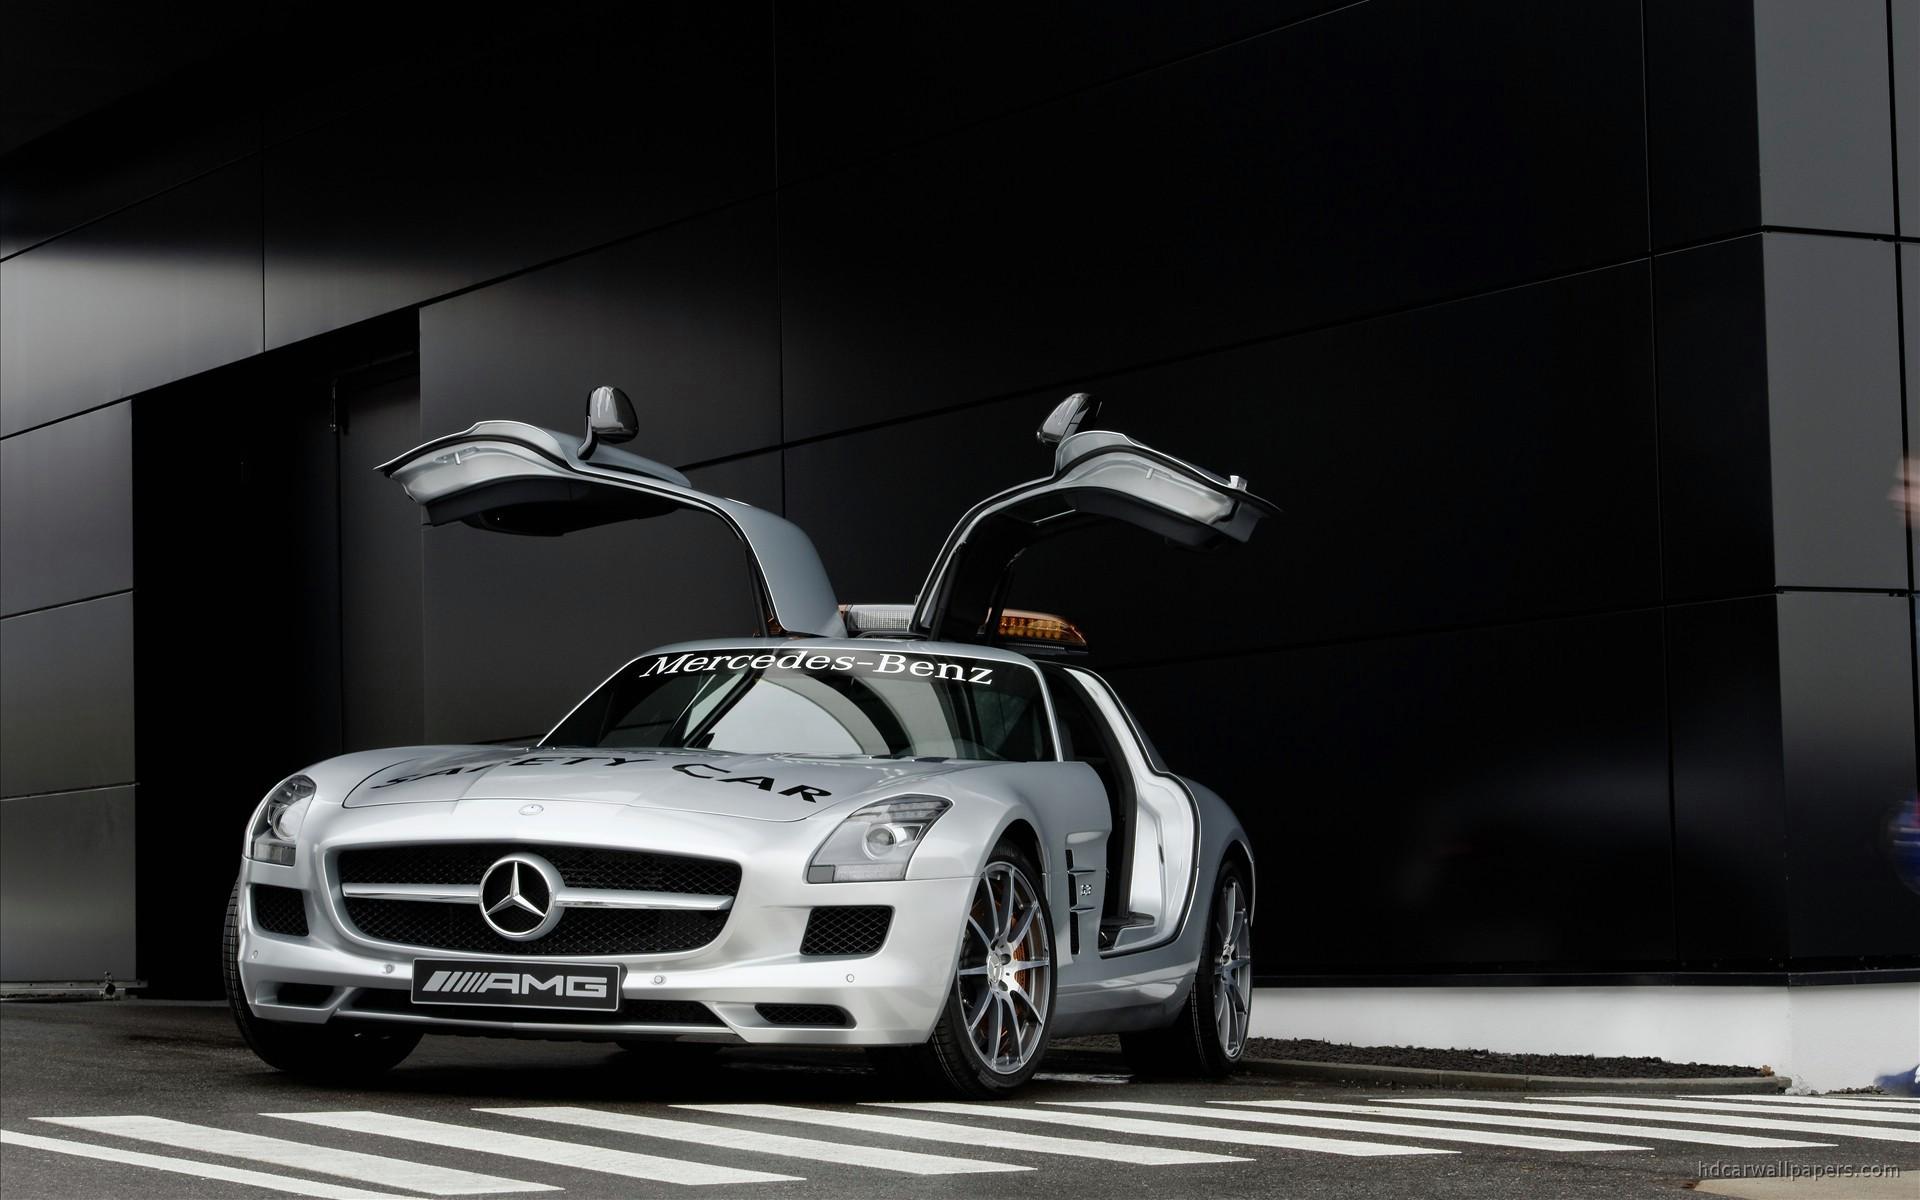 2010 Mercedes Benz SLS AMG F1 Safety Car